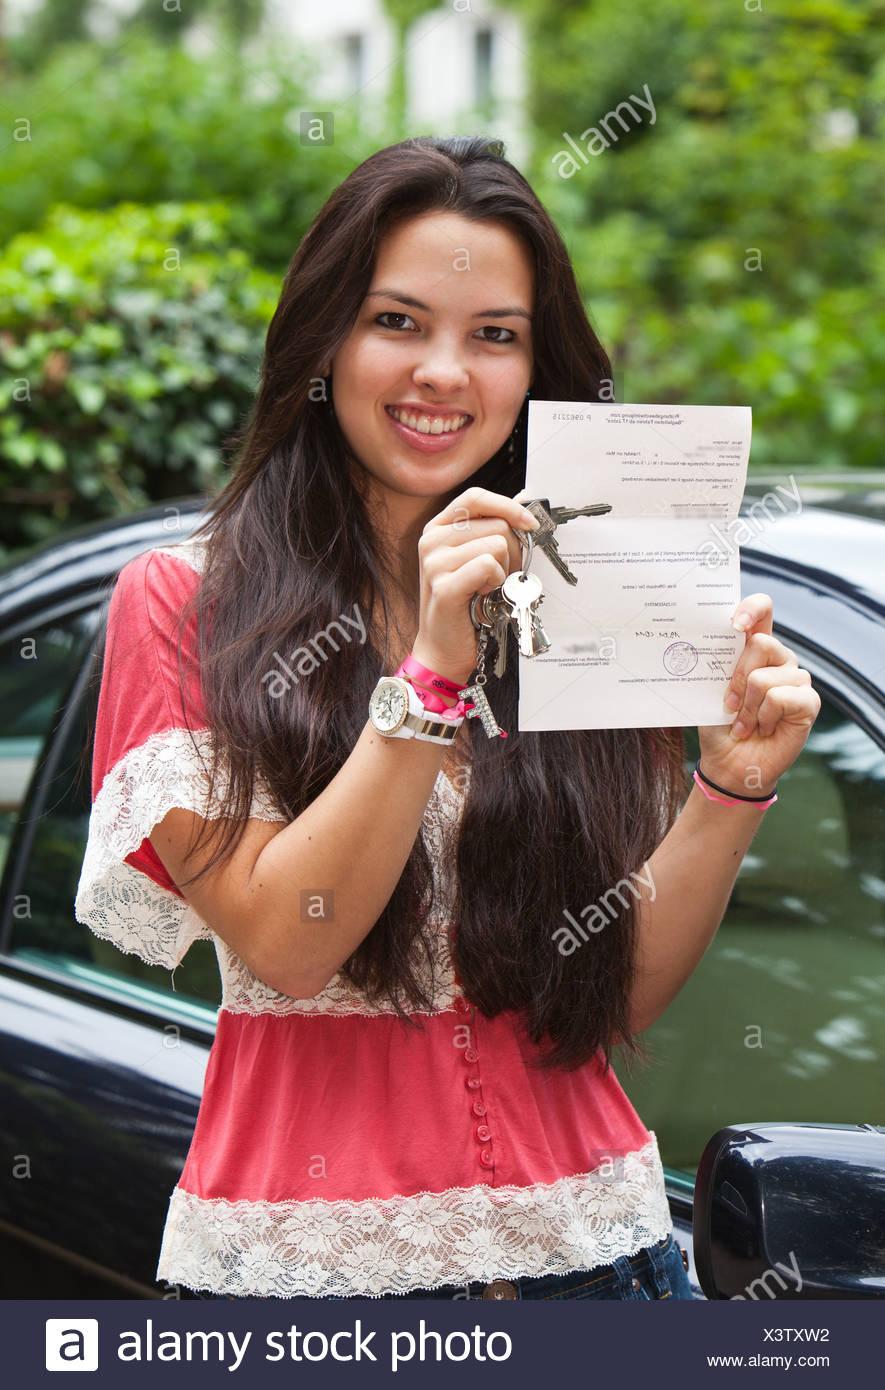 Chica, alrededor de 17 años, orgullosamente presentando su licencia para conducir 'la conducción acompañada para los conductores de 17 años+', Hesse. Imagen De Stock